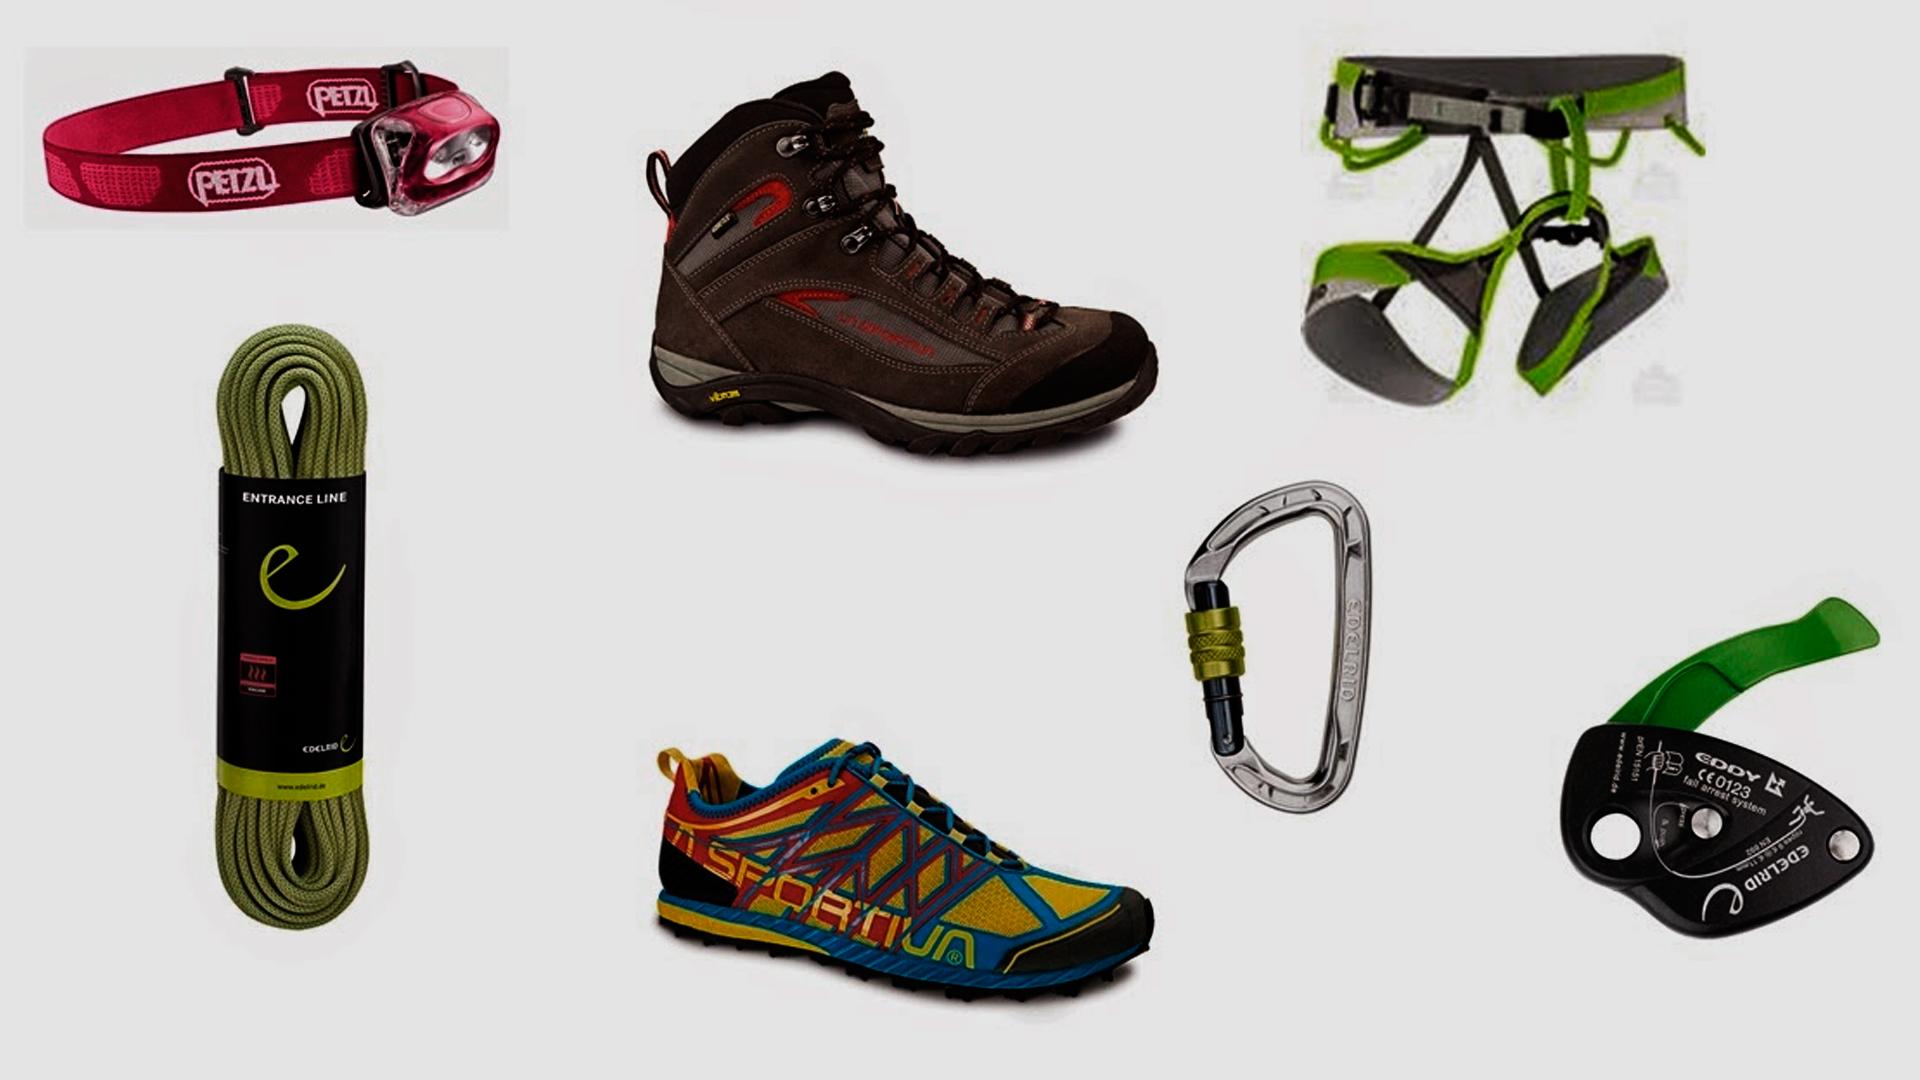 Imagens dos principais equipamentos utilizados para praticar escalada com segurança.